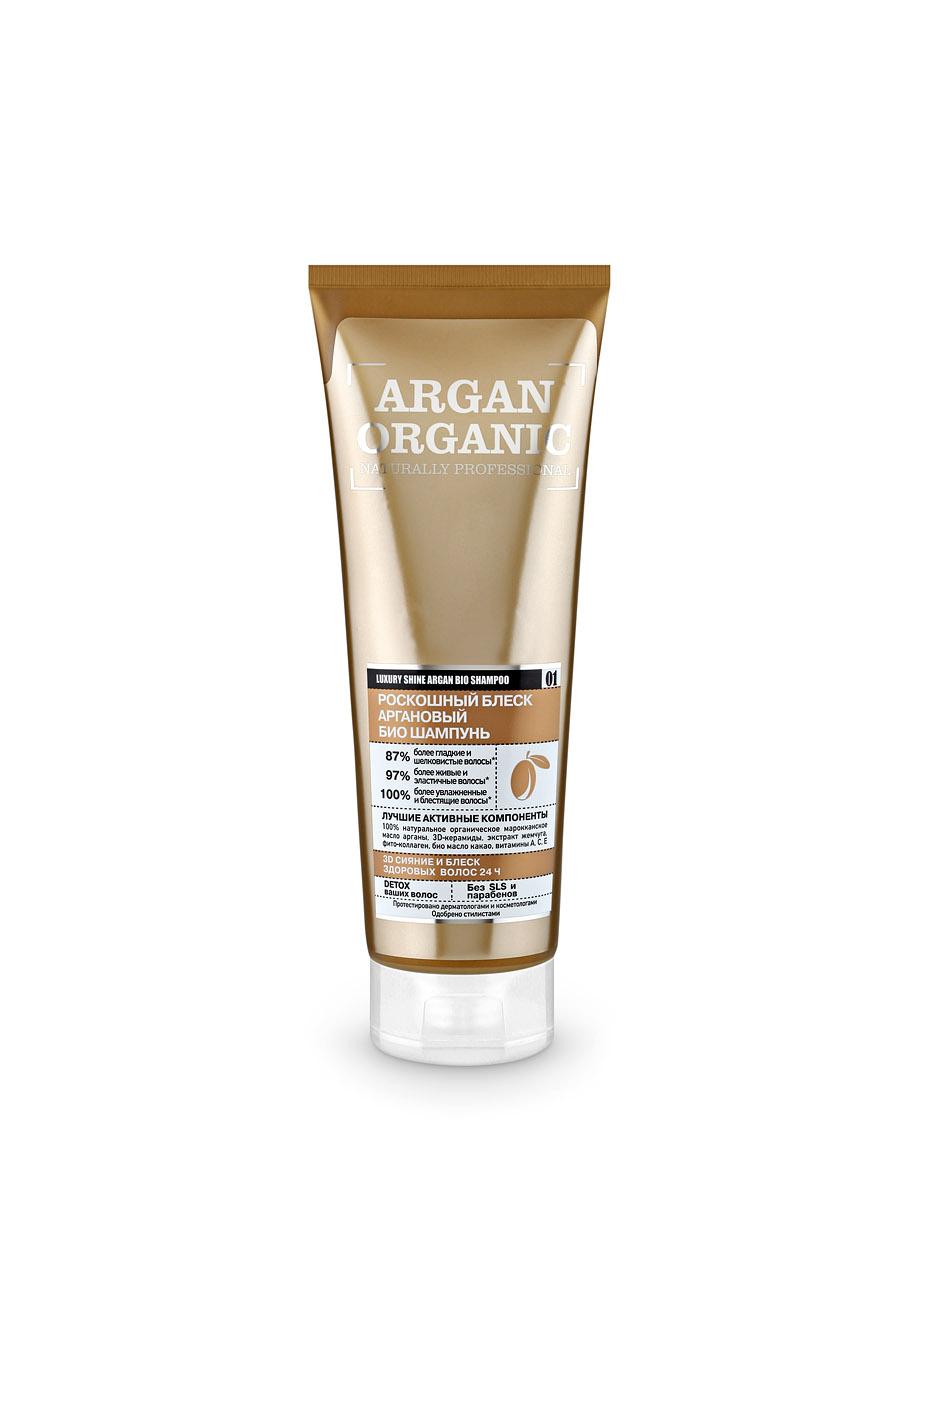 Оrganic Shop Naturally Professional Био-шампунь для волос Роскошный блеск, аргановый, 250 млFS-00897100% натуральное органическое марокканское масло арганы интенсивно питает и увлажняет волосы, придает им зеркальный блеск и сияние. 3D-керамиды легко проникают внутрь волоса и восстанавливают их структуру, предотвращая ломкость и сечение. Экстракт жемчуга насыщает волосы минералами и аминокислотами, делая их гладкими и шелковистыми. Фито-коллаген проникает в глубь волос, уплотняя их структуру. Био масло какао укрепляет структуру волос, придавая им жизненную силу и энергию.Товар сертифицирован.